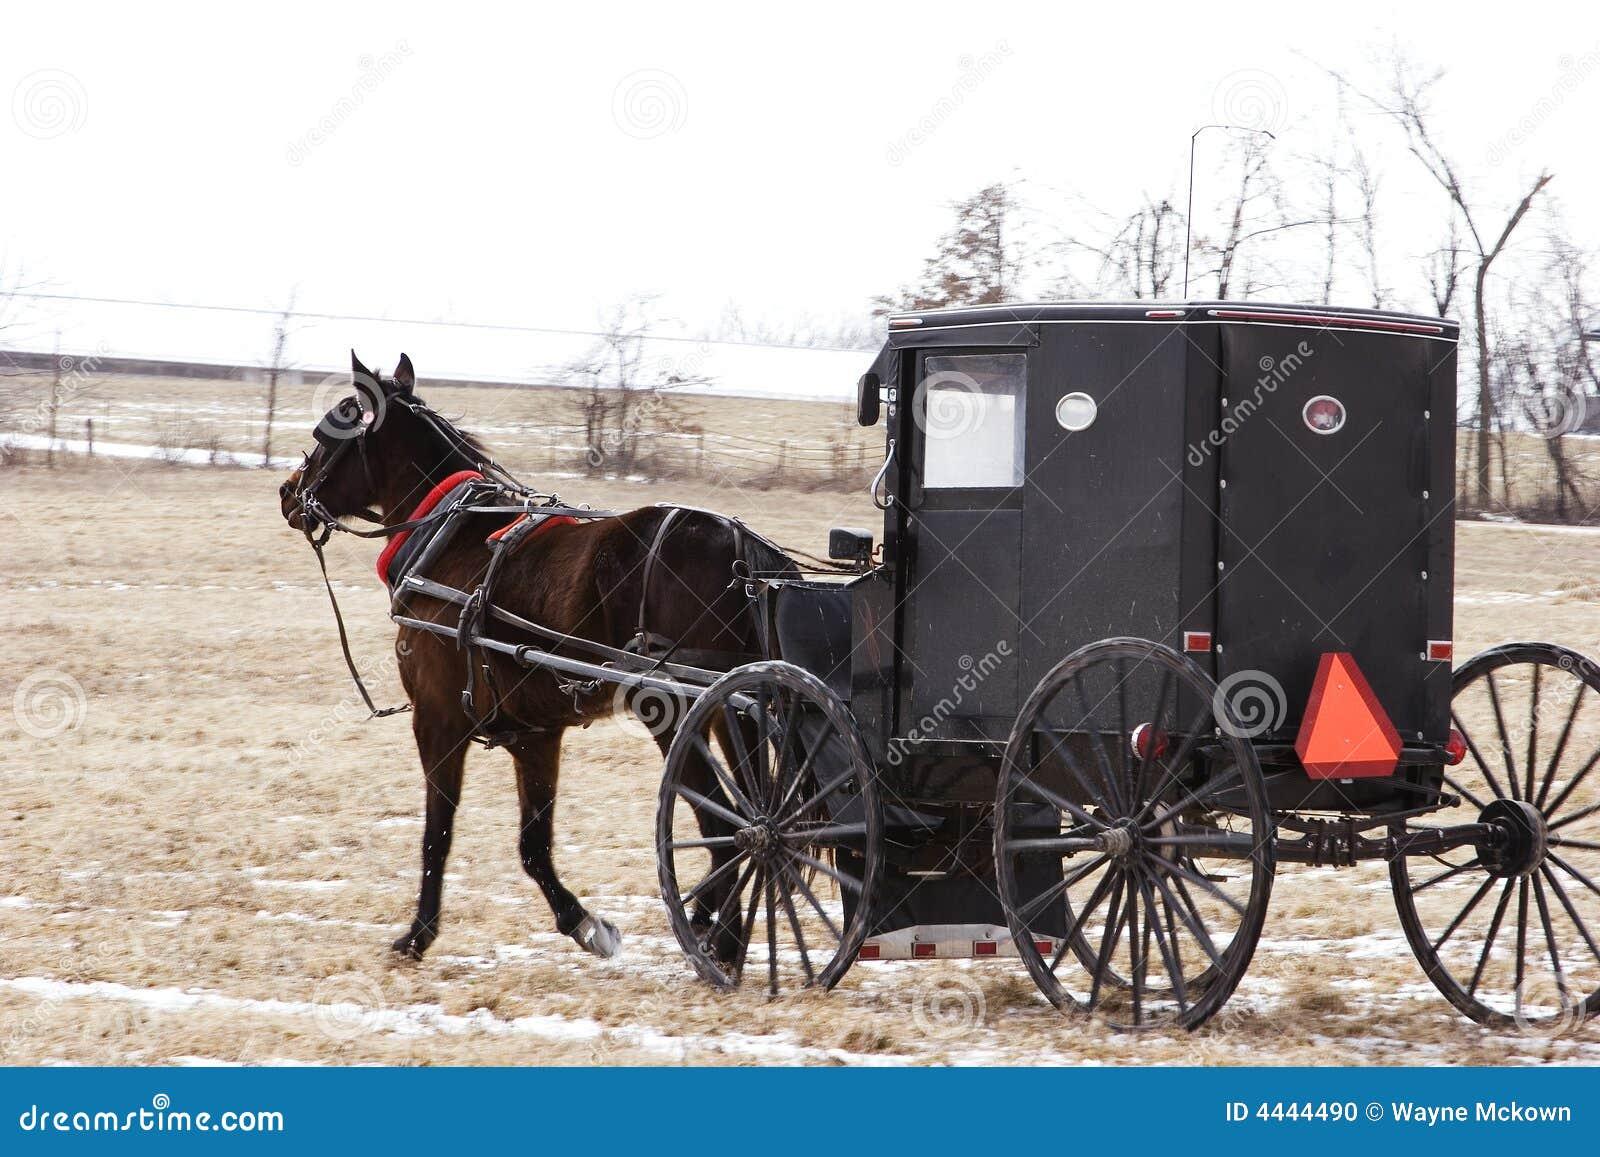 Amish Transportation Stock Photo Image 4444490